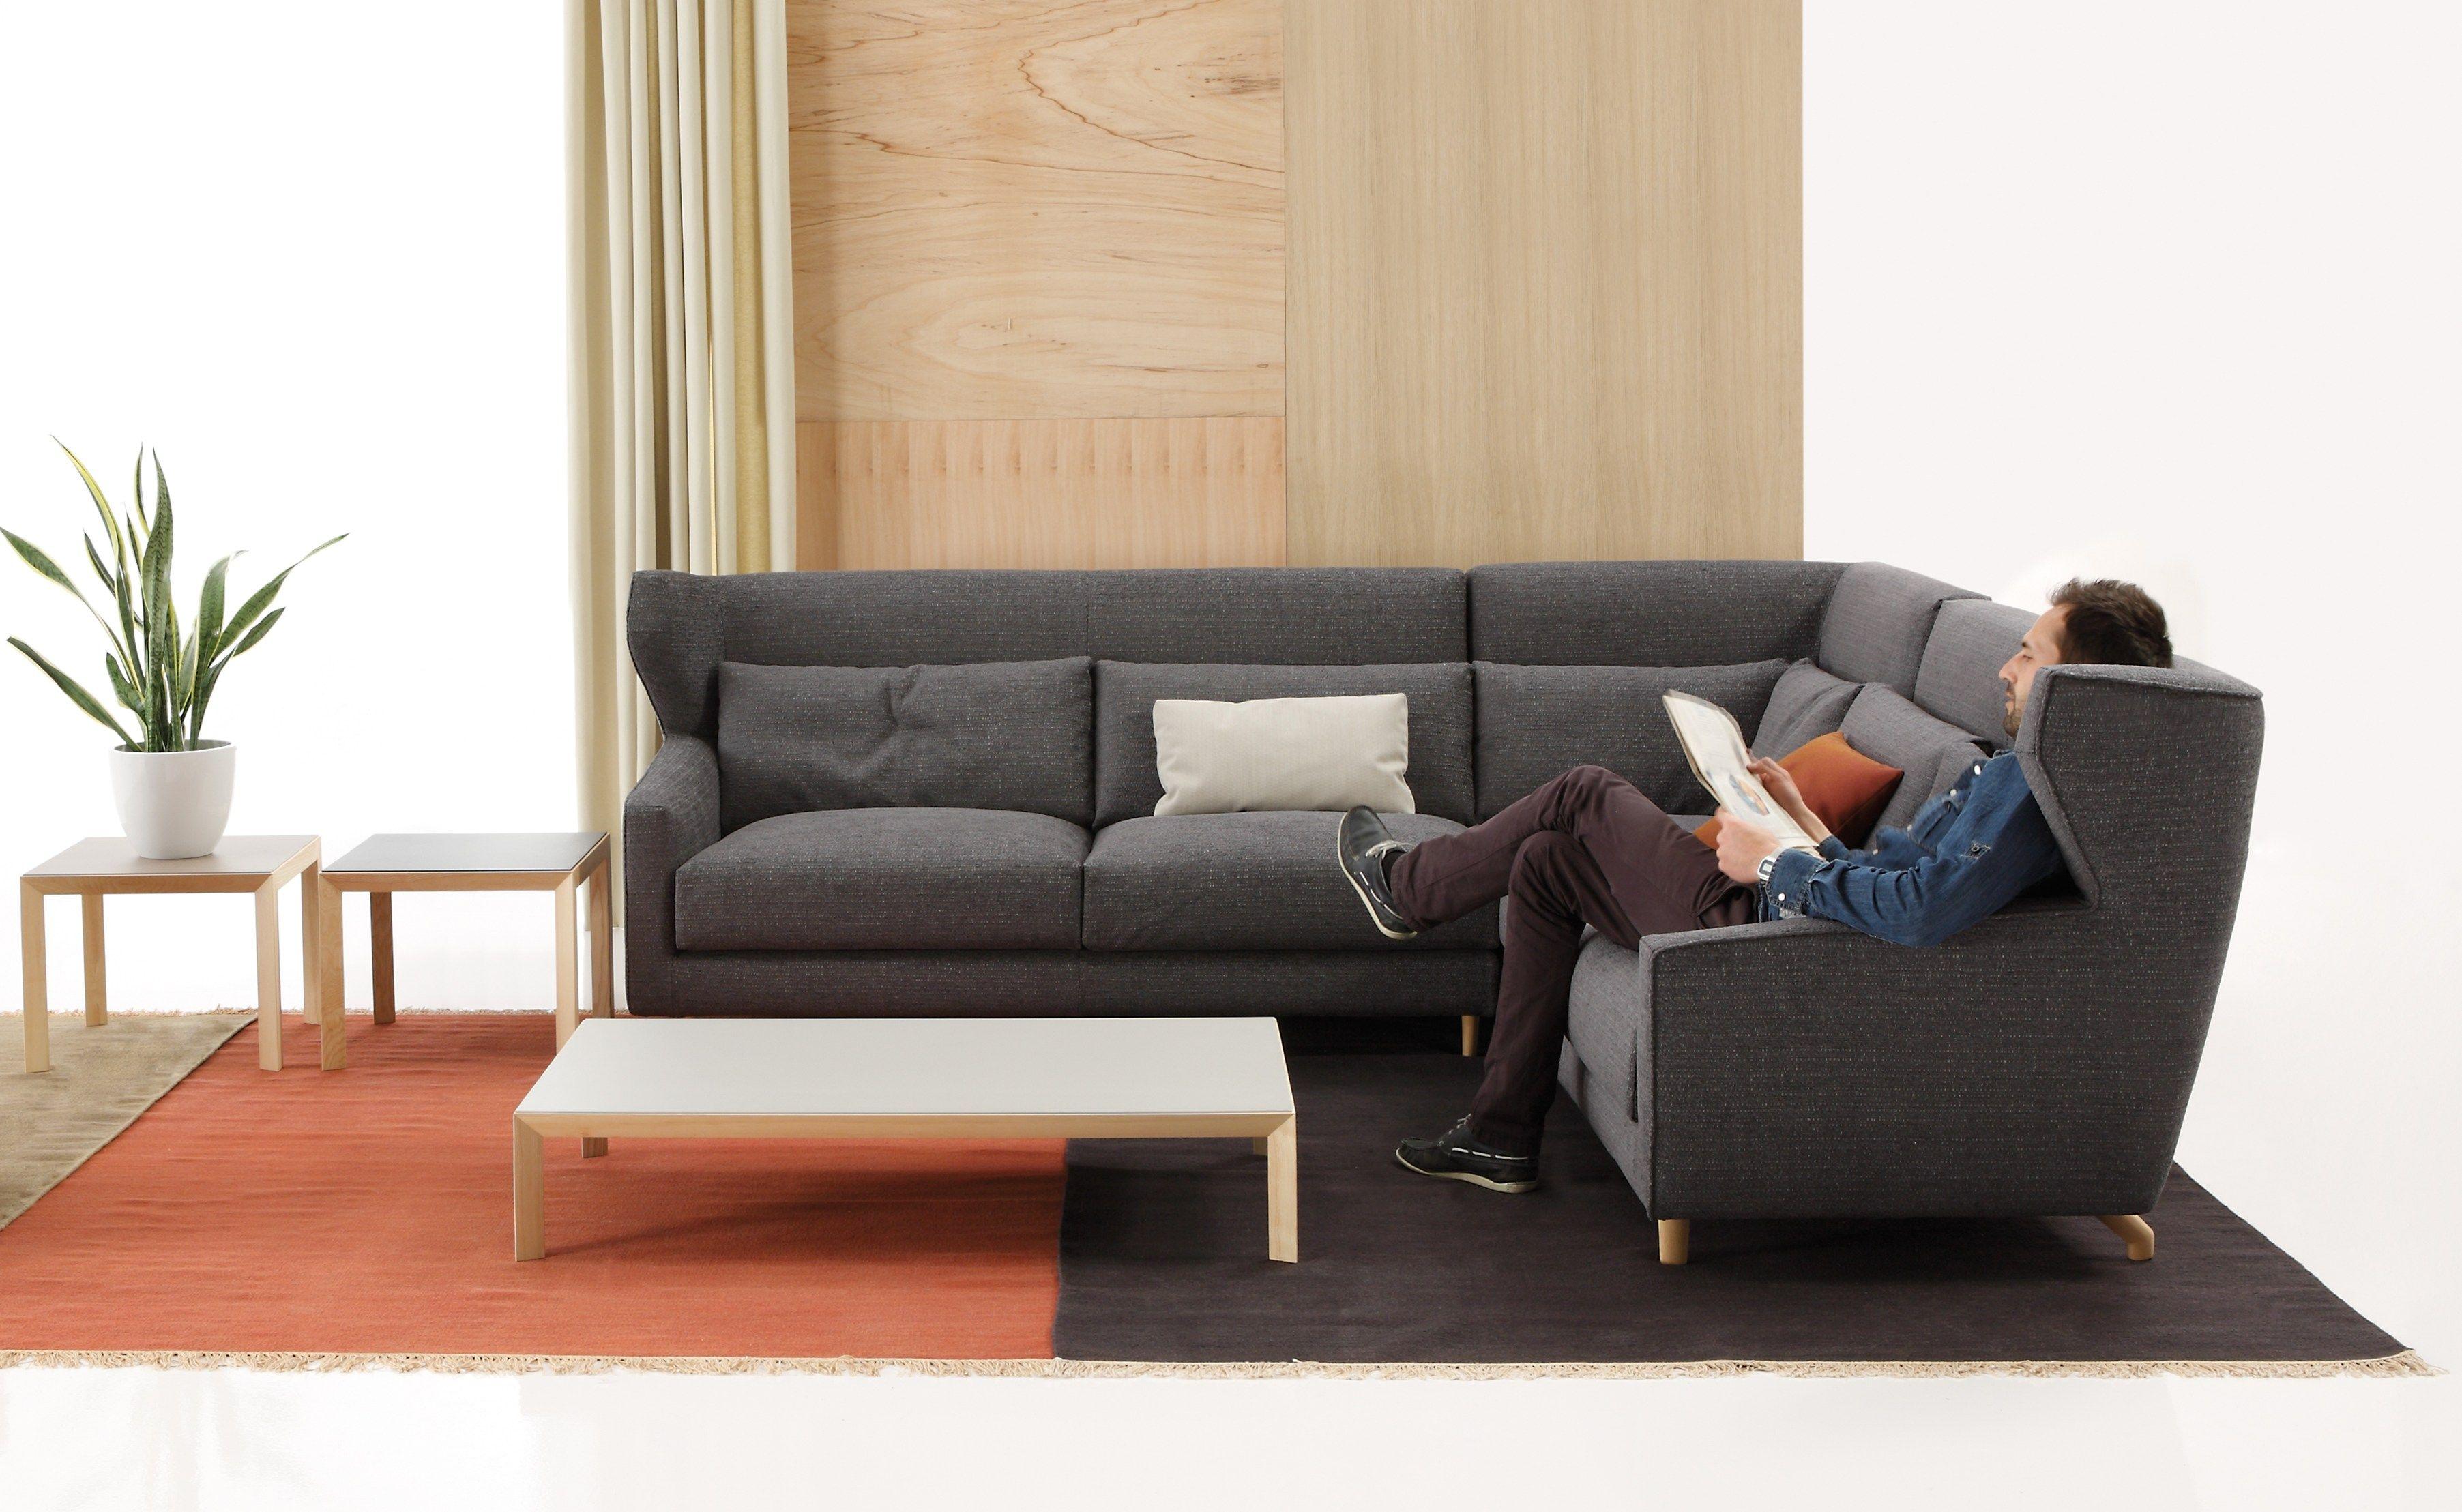 Folk armchair by sancal design rafa garc a for Sofa folk sancal